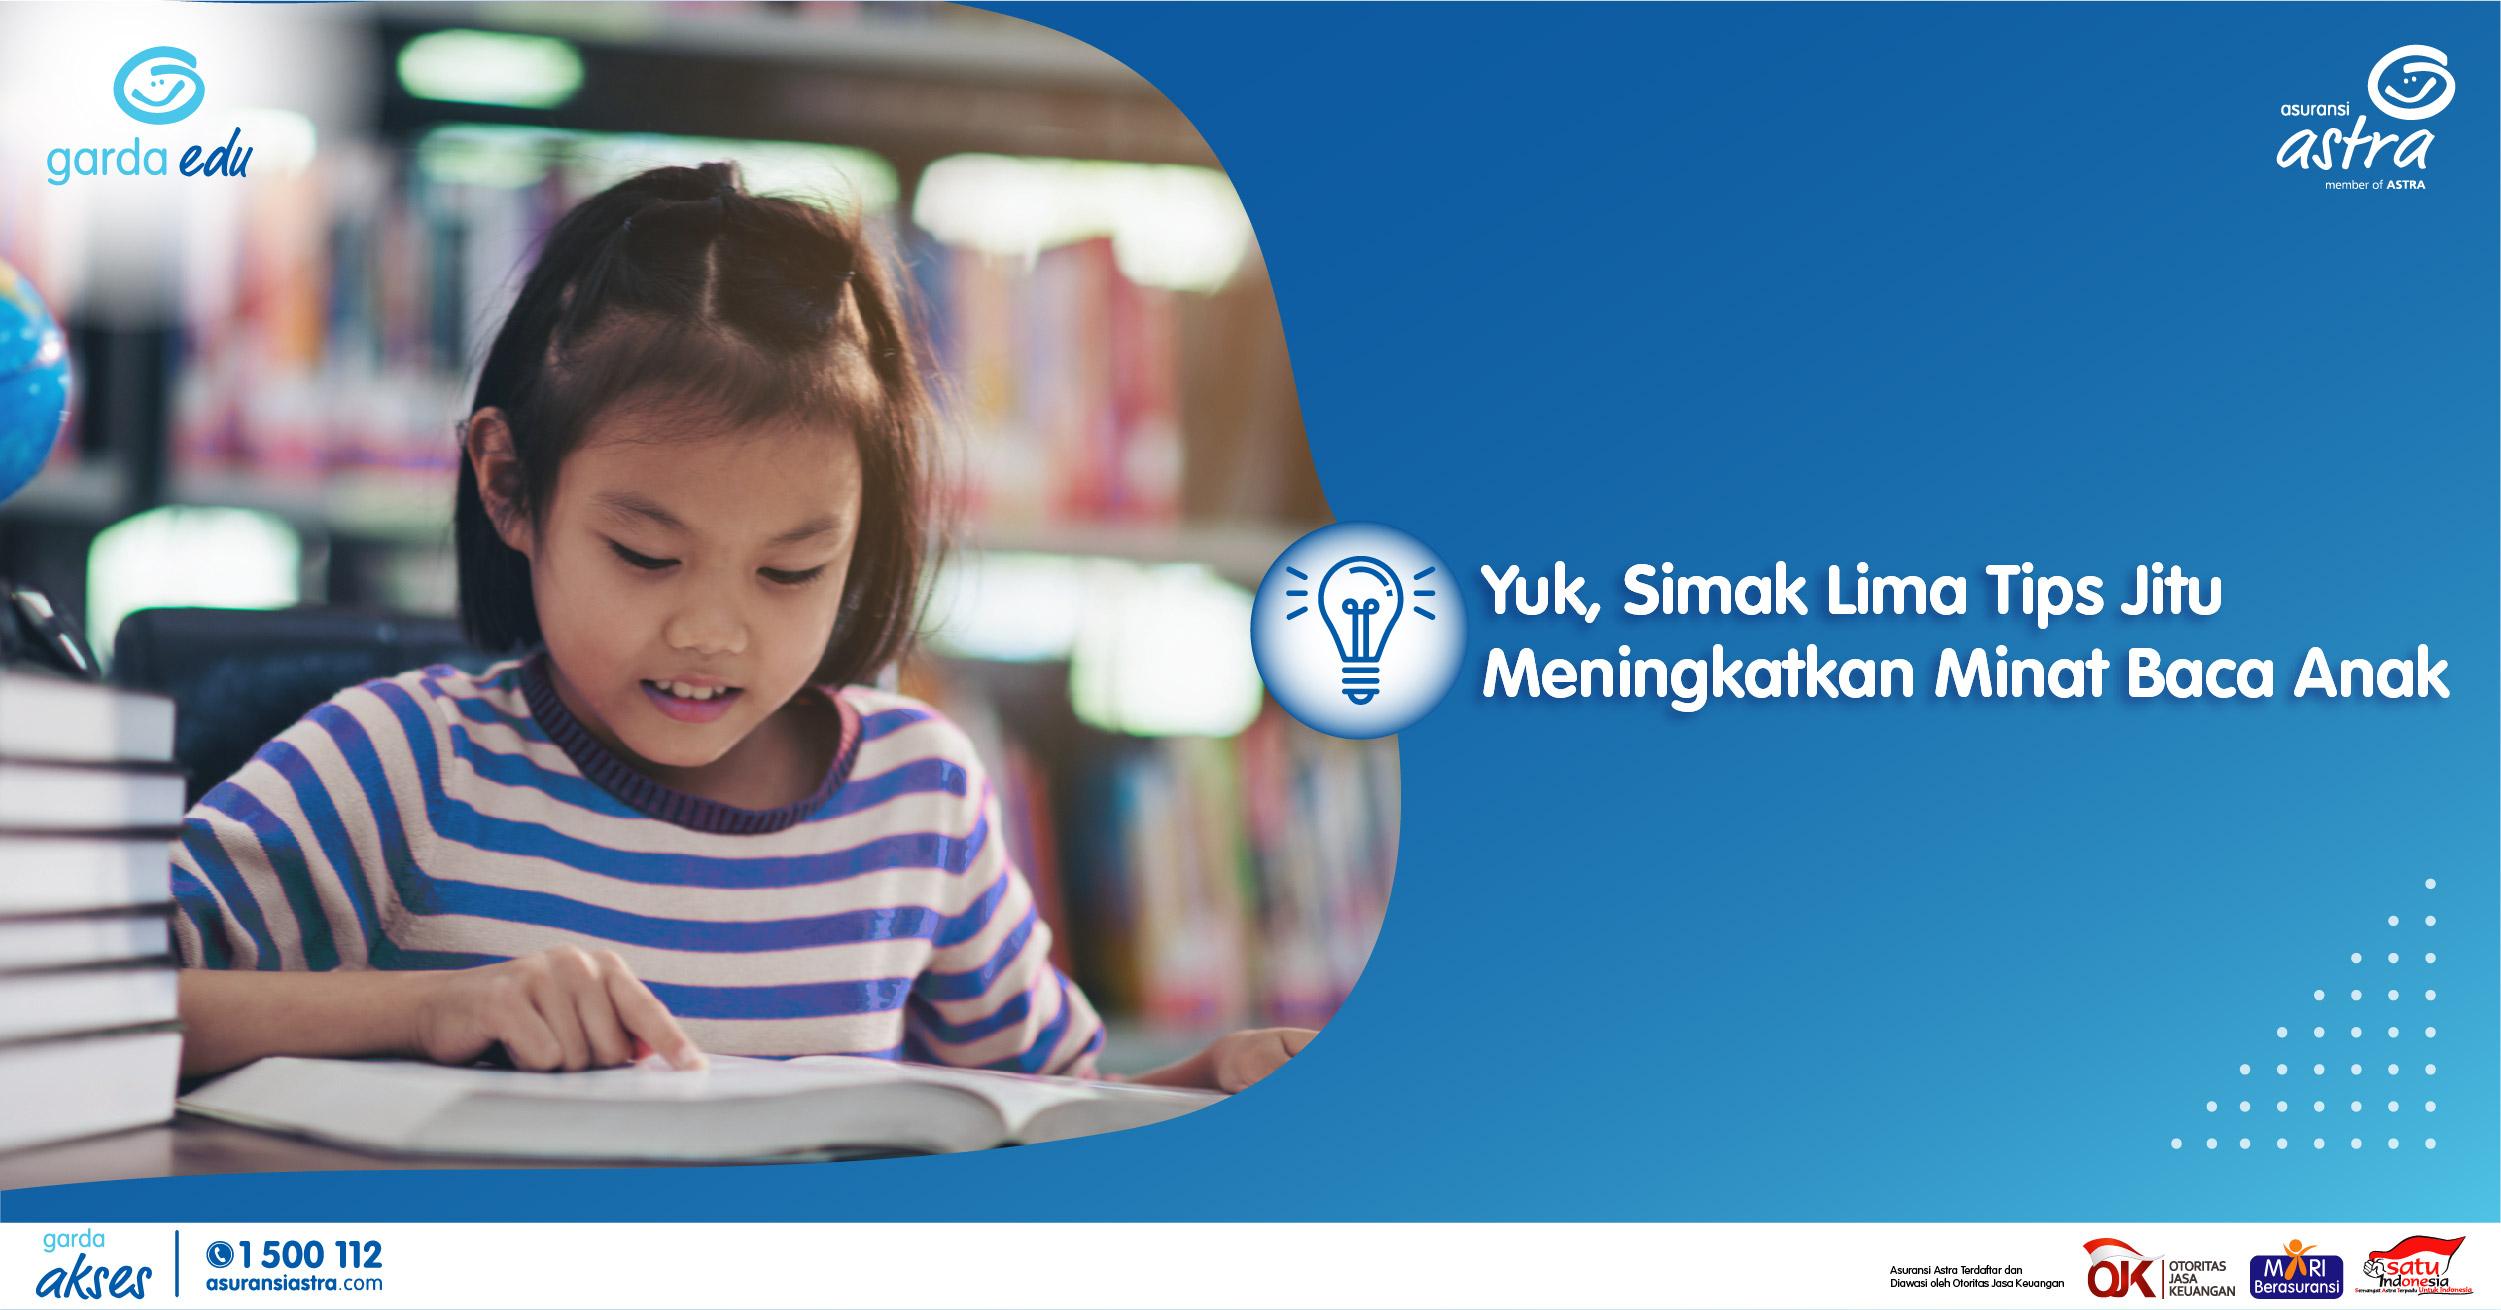 Yuk Simak Lima Tips Jitu Meningkatkan Minat Baca Anak